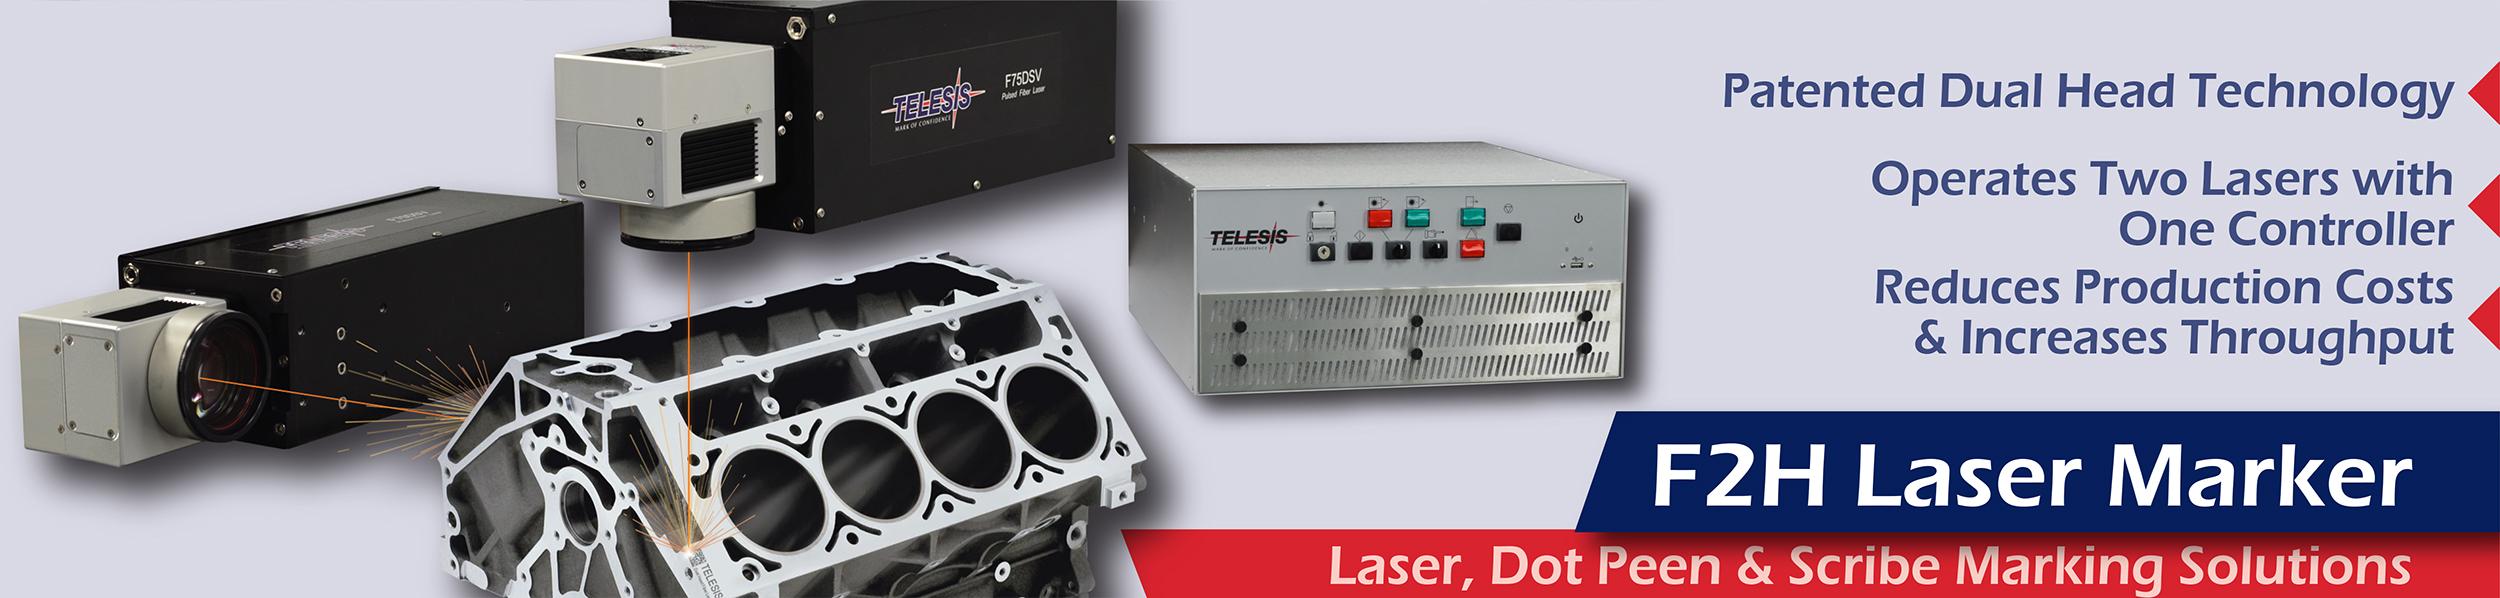 F2H Dual Head Pulsed Fiber Laser Marking System